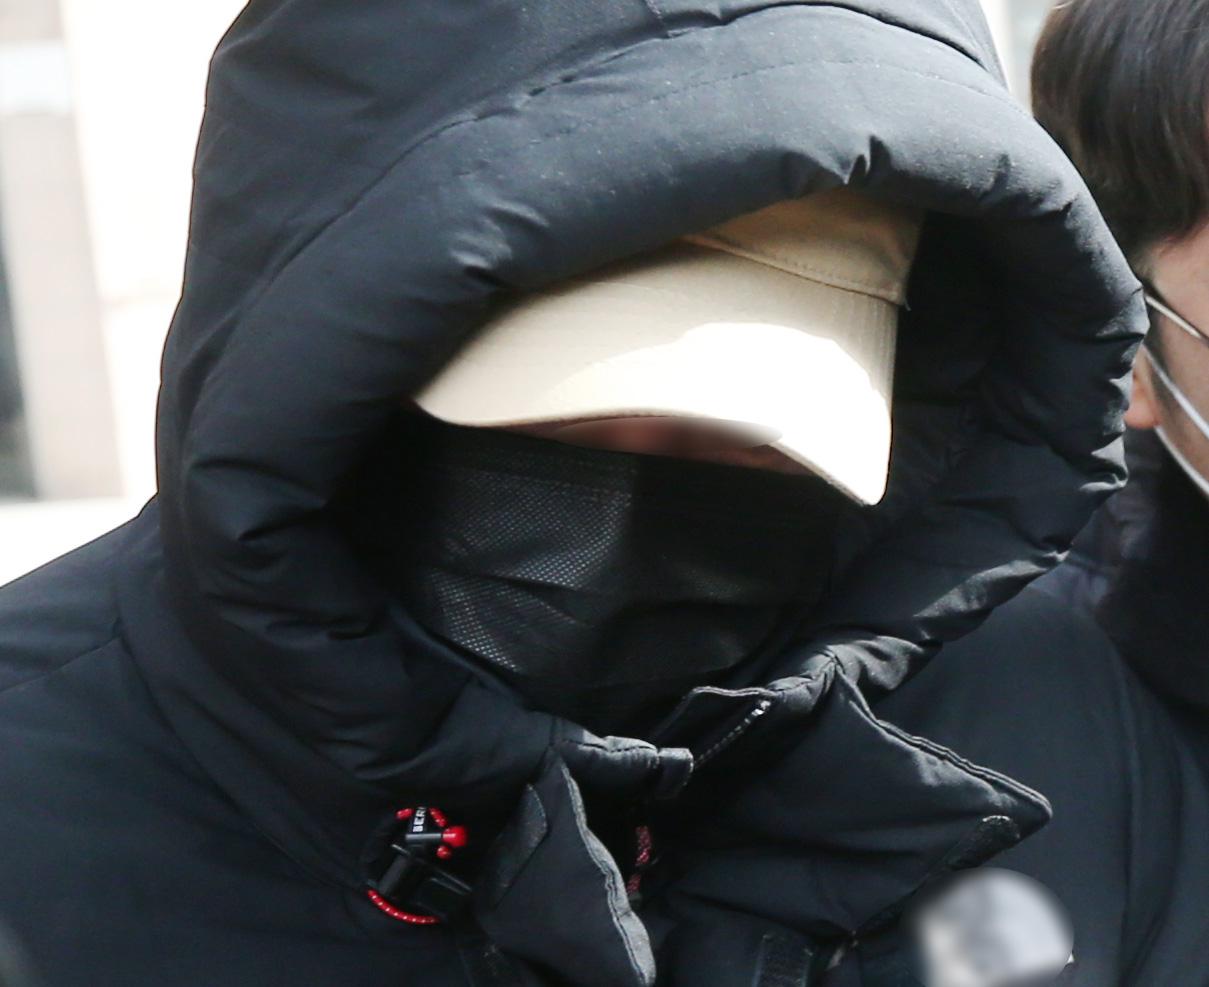 국가대표 출신 승마선수 A씨가 지난 2월 24일 구속 전 피의자 심문(영장실질심사)을 받은 뒤 경기도 부천시 상동 인천지방법원 부천지원 청사를 나서고 있는 모습. 연합뉴스